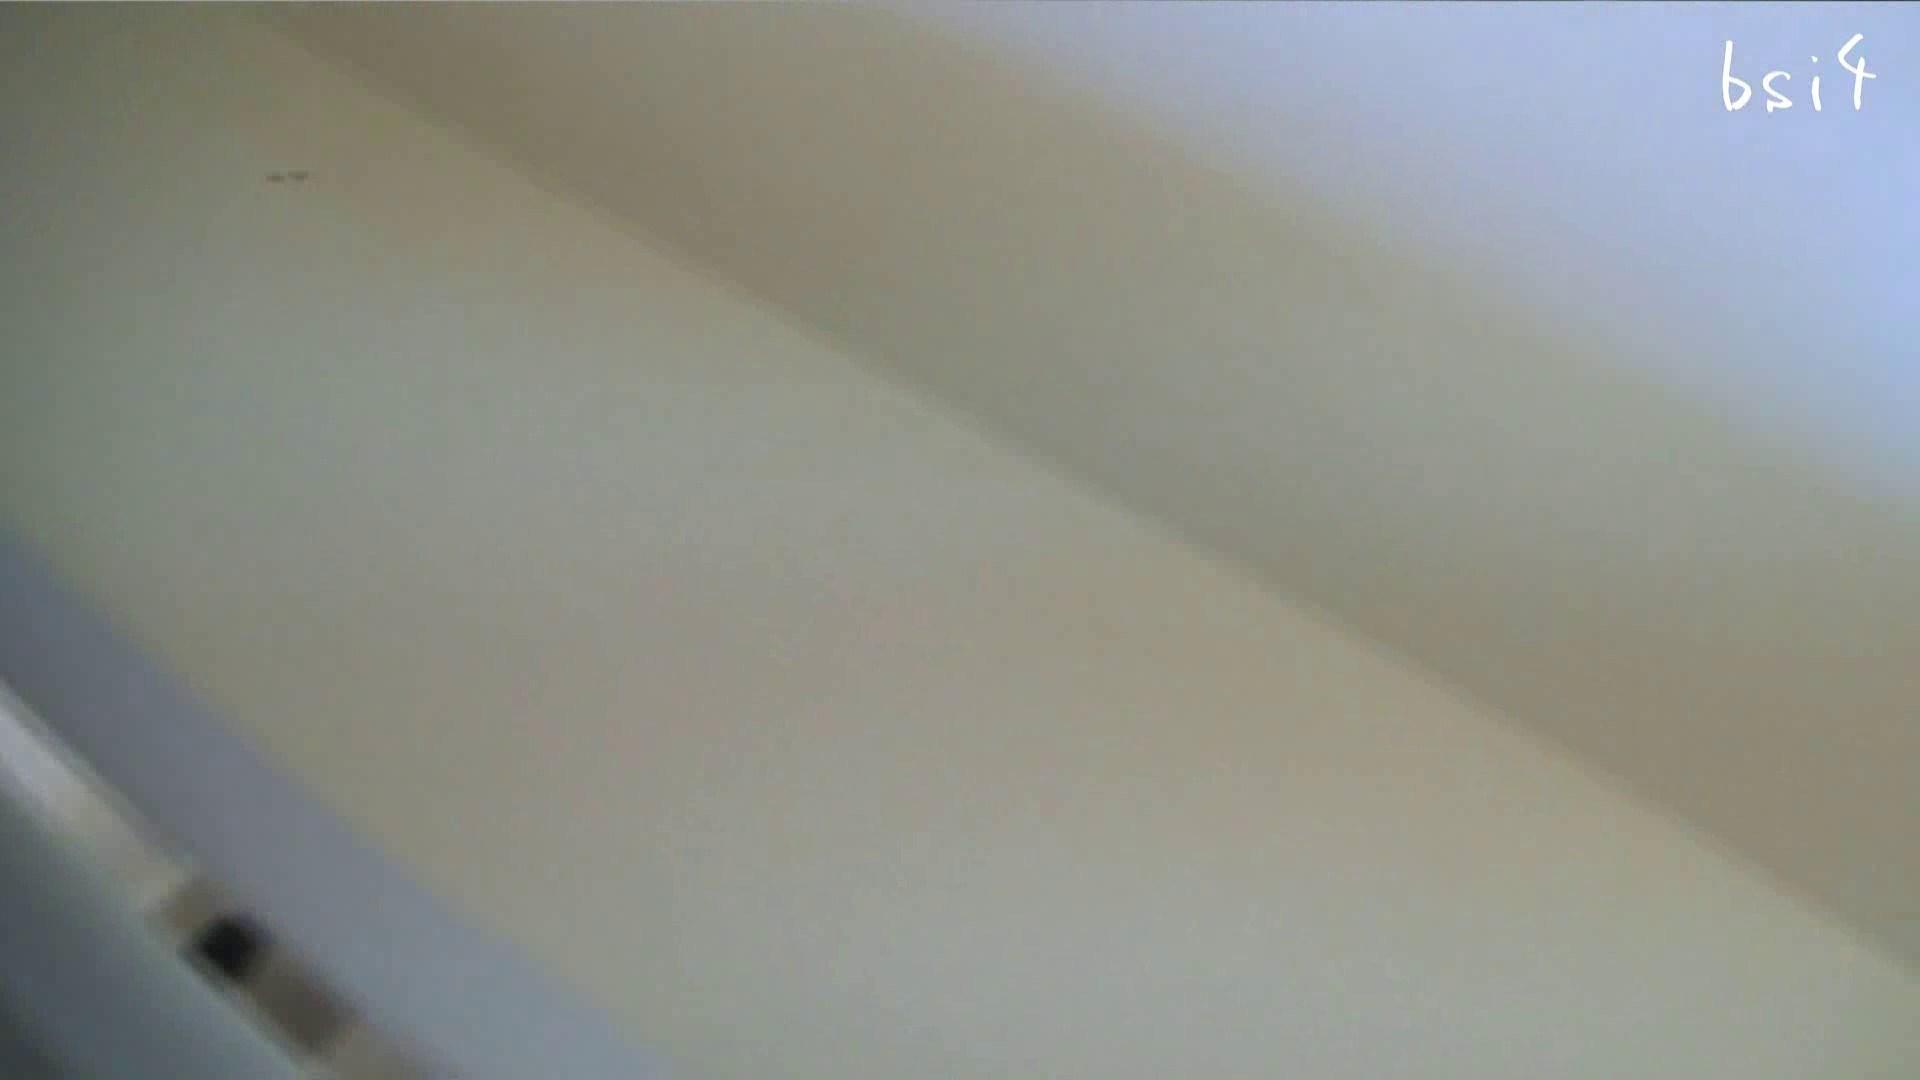 ナースのお小水 vol.004 0 | 下半身  78連発 1